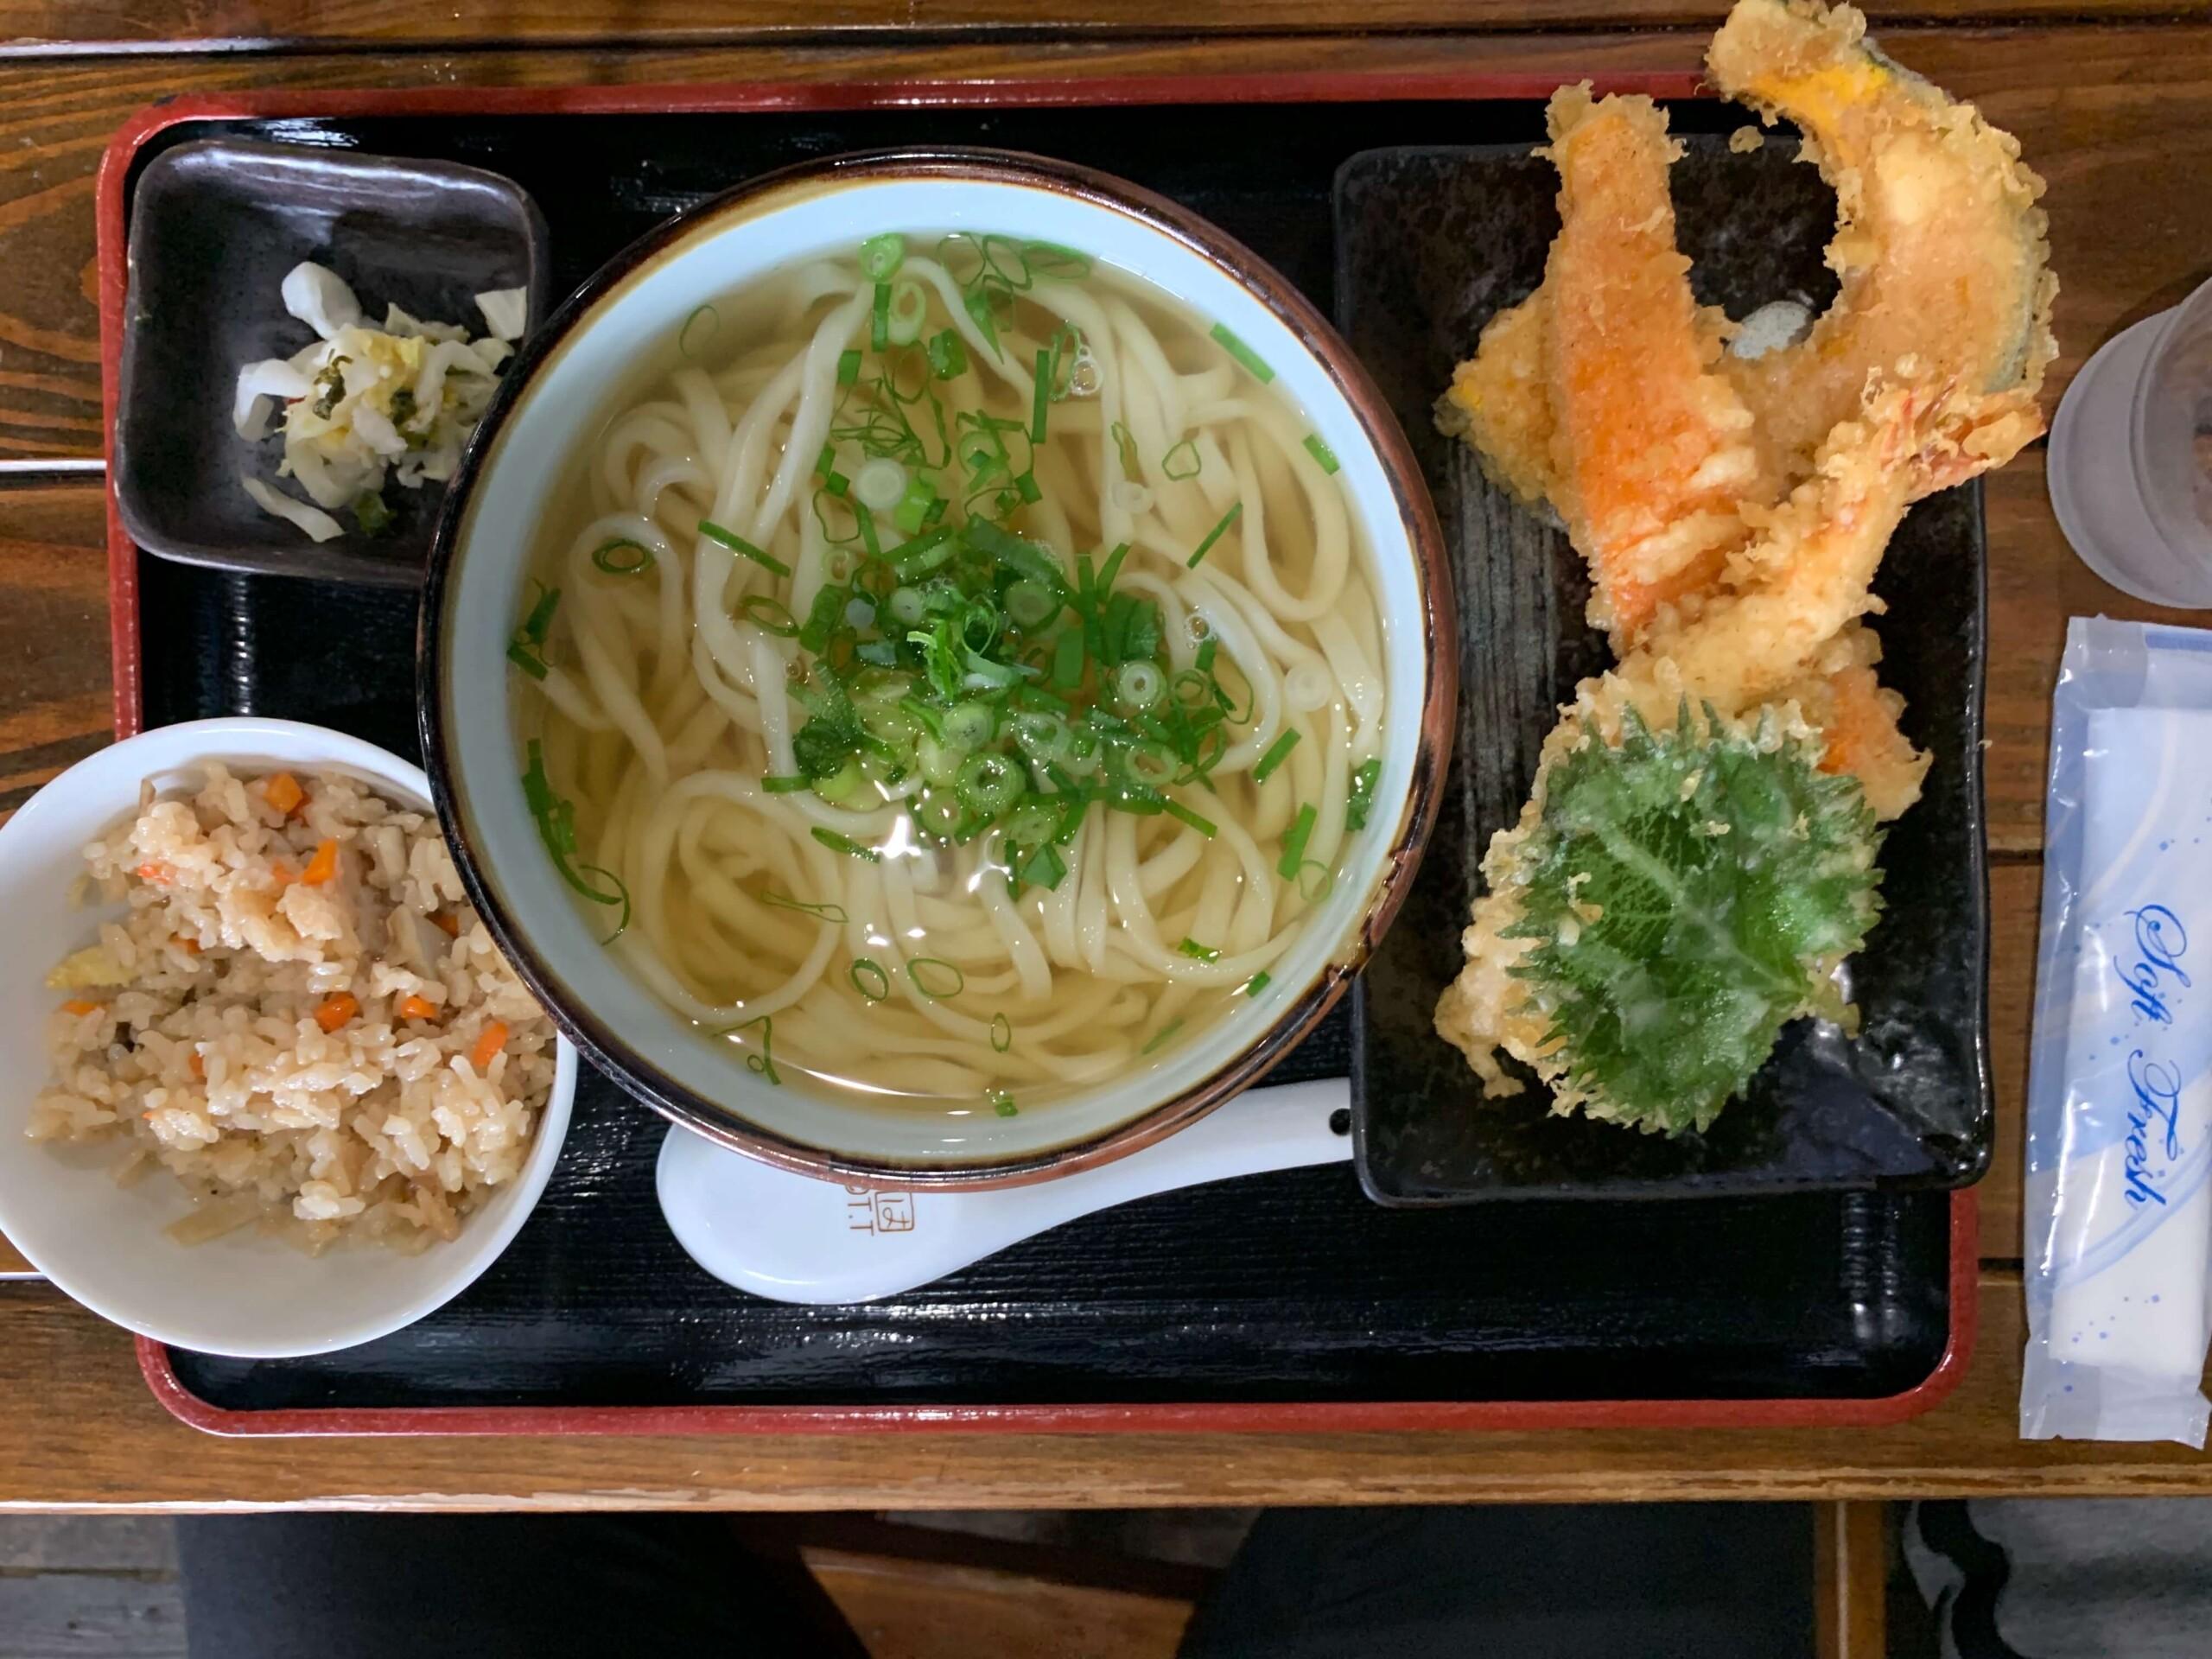 福山大隈えび野菜うどんセット